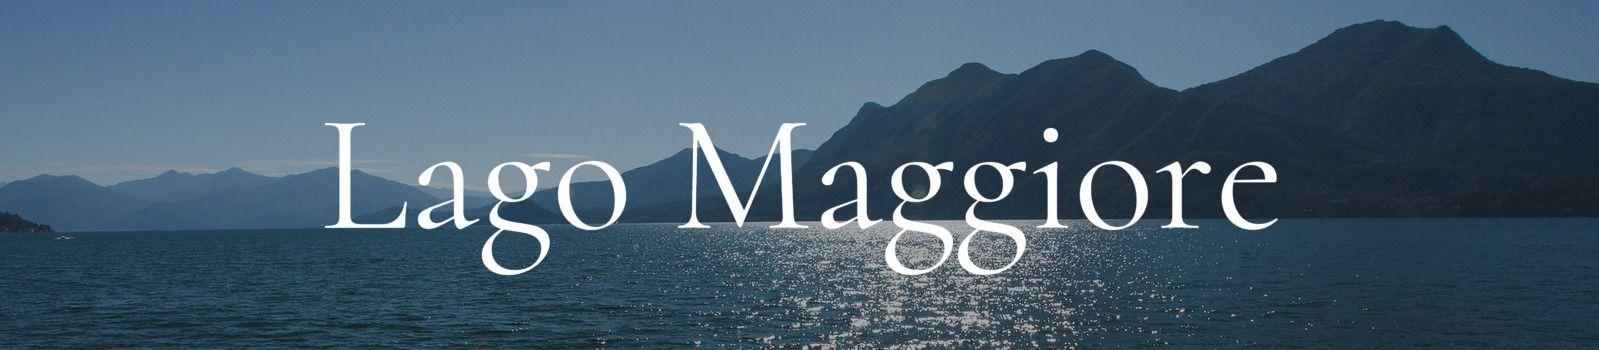 Lago Maggiore Banner